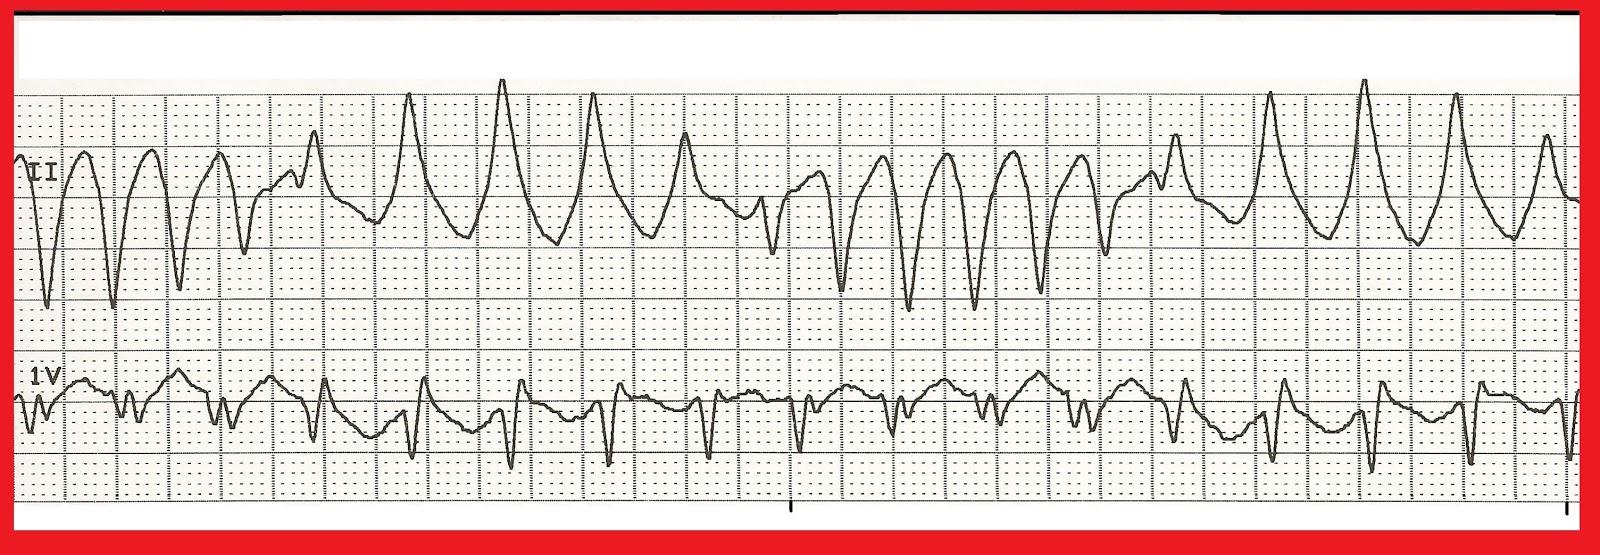 Float Nurse: EKG Rhythm Strip Quiz 148 Ventricular Tachycardia Rhythm Strip